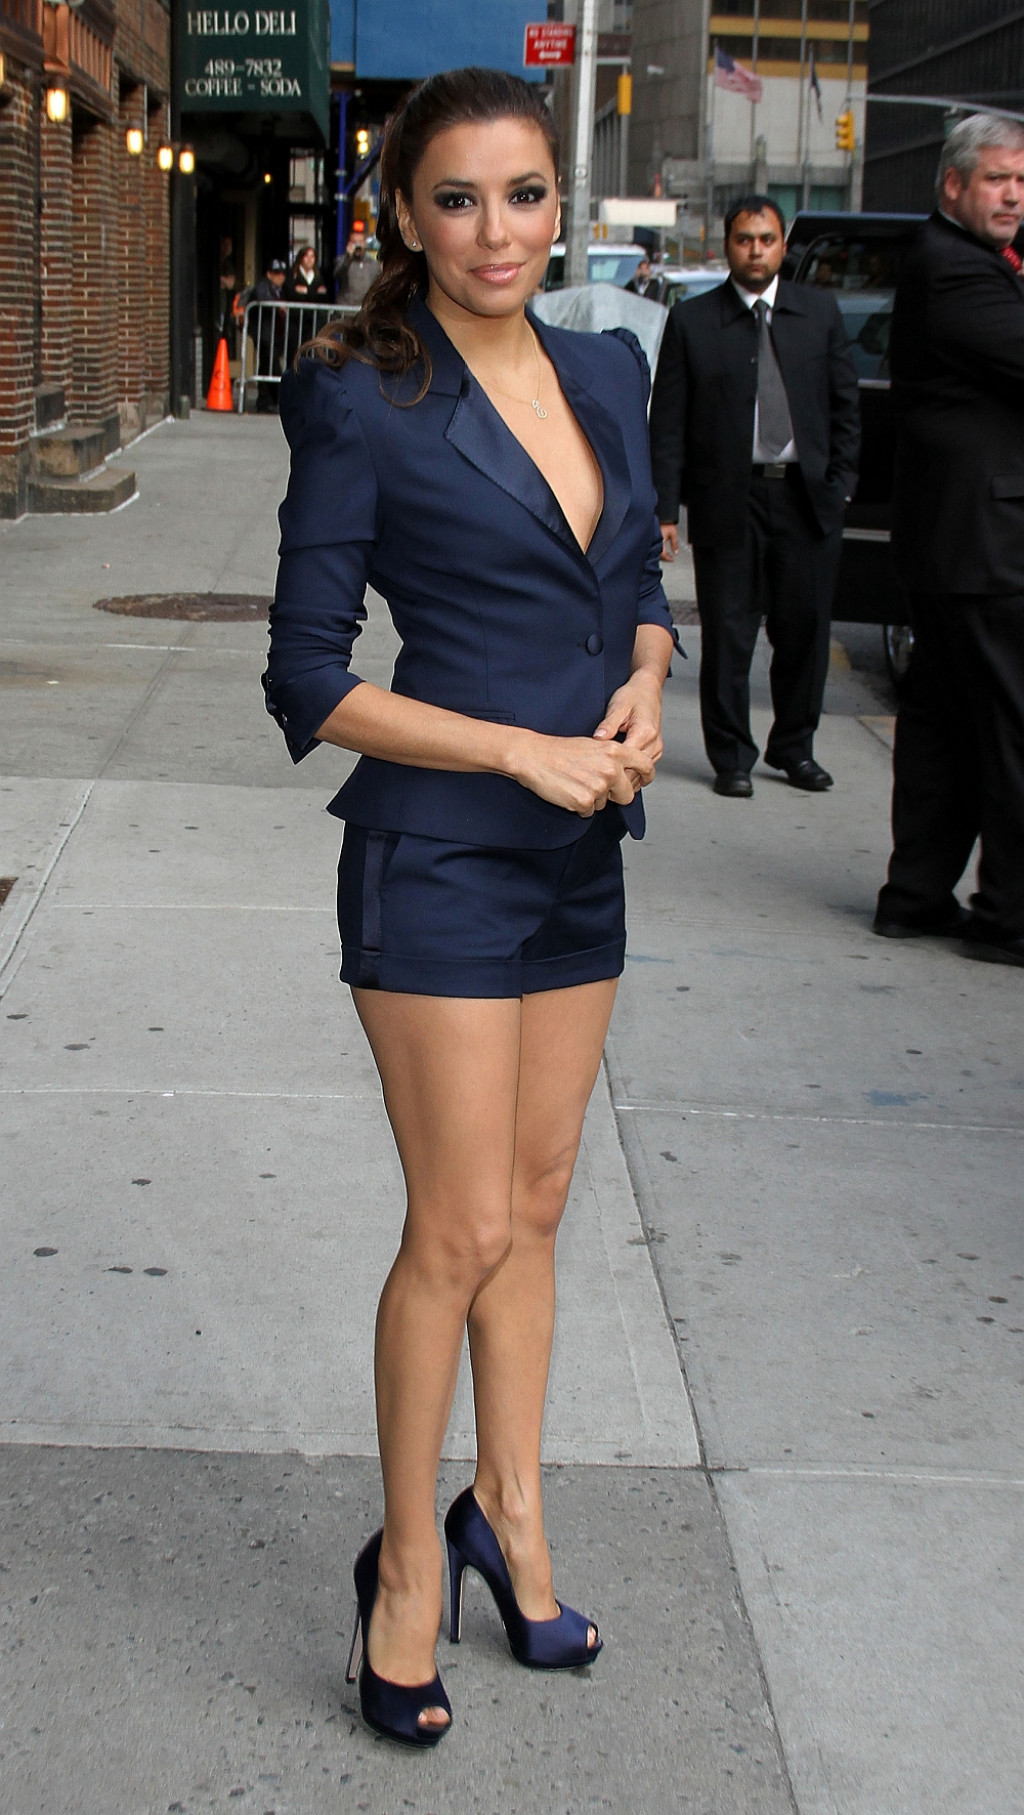 Eva Longoria Has Great Legs In High Heels